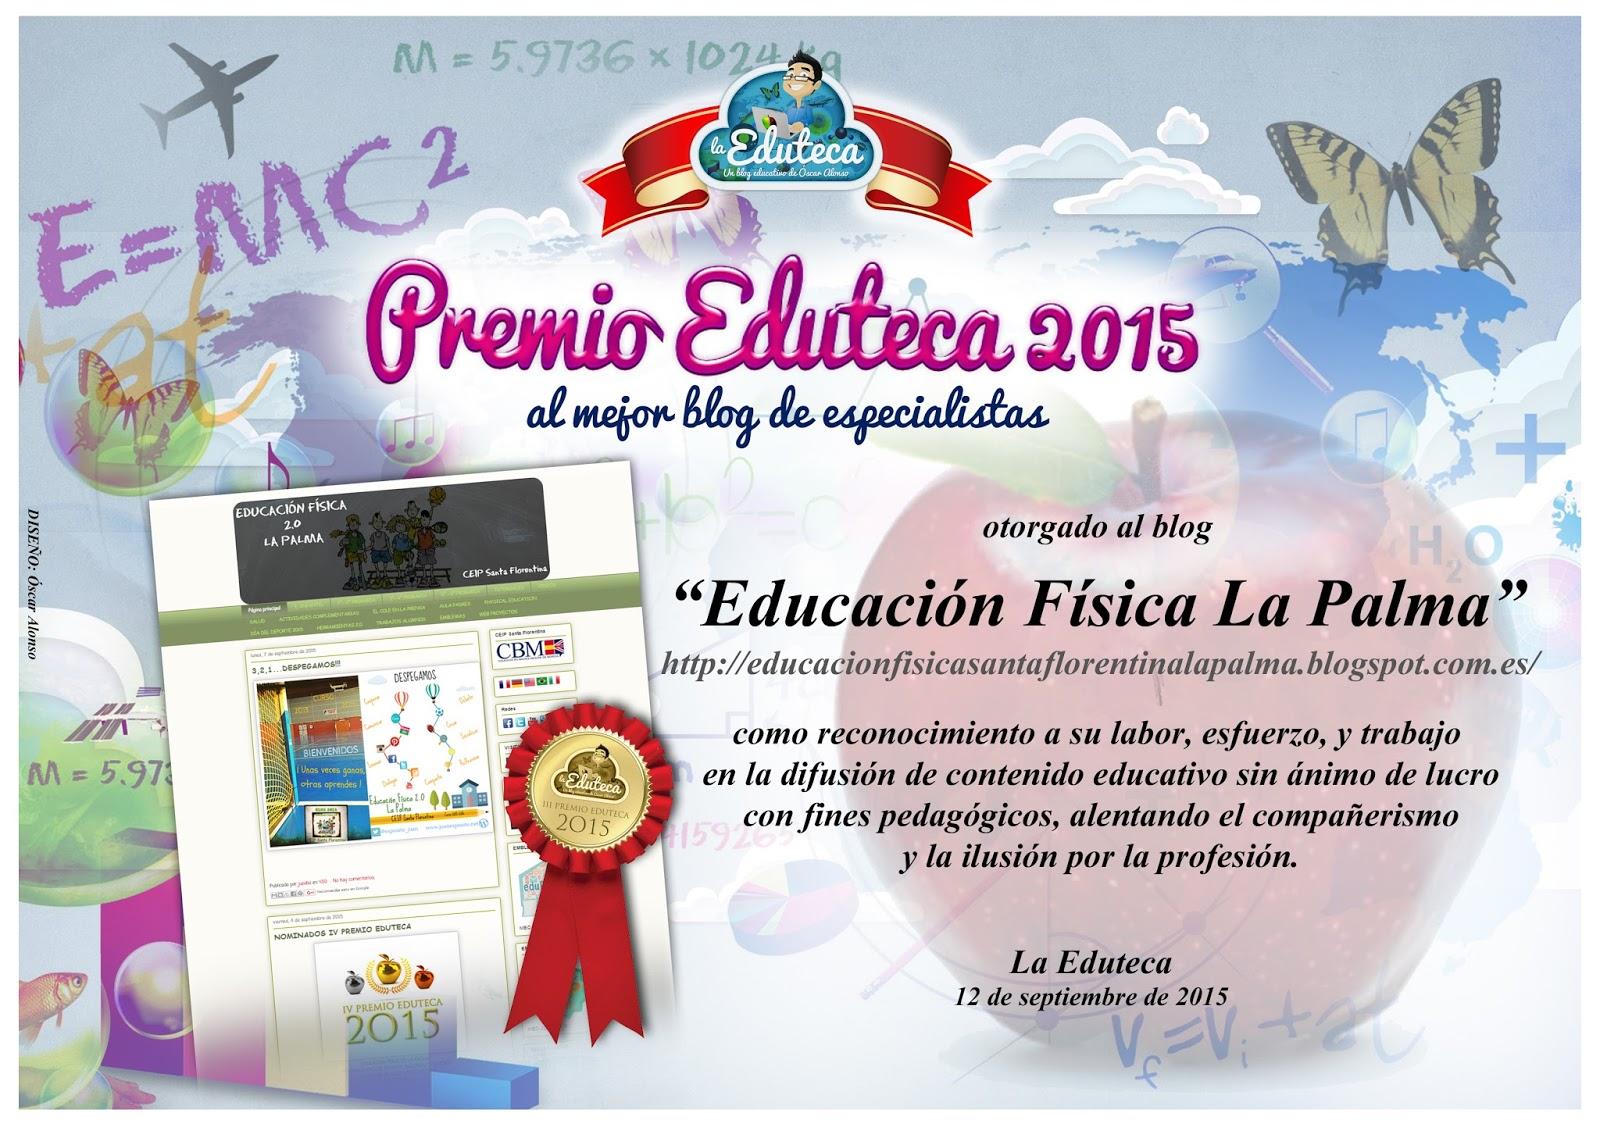 Premio Eduteca 2015 al mejor blog de especialistas